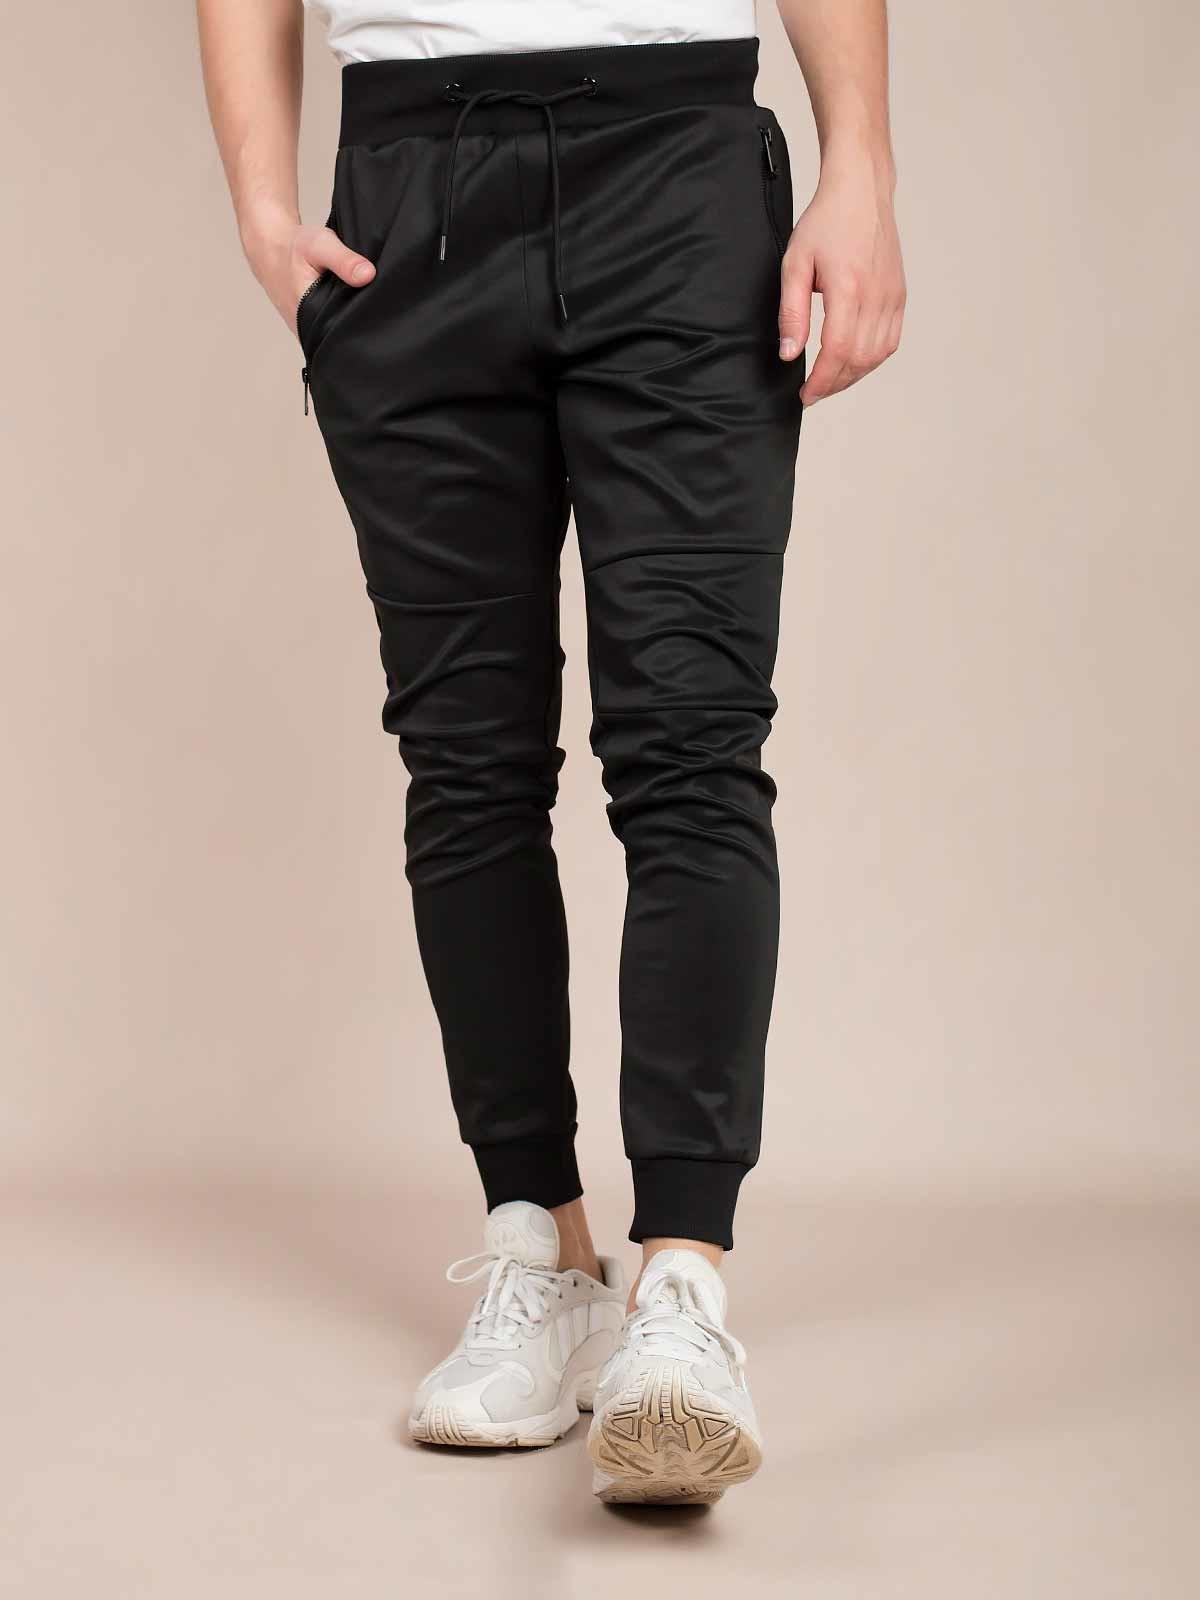 Pantalones de chándal hombre lisos